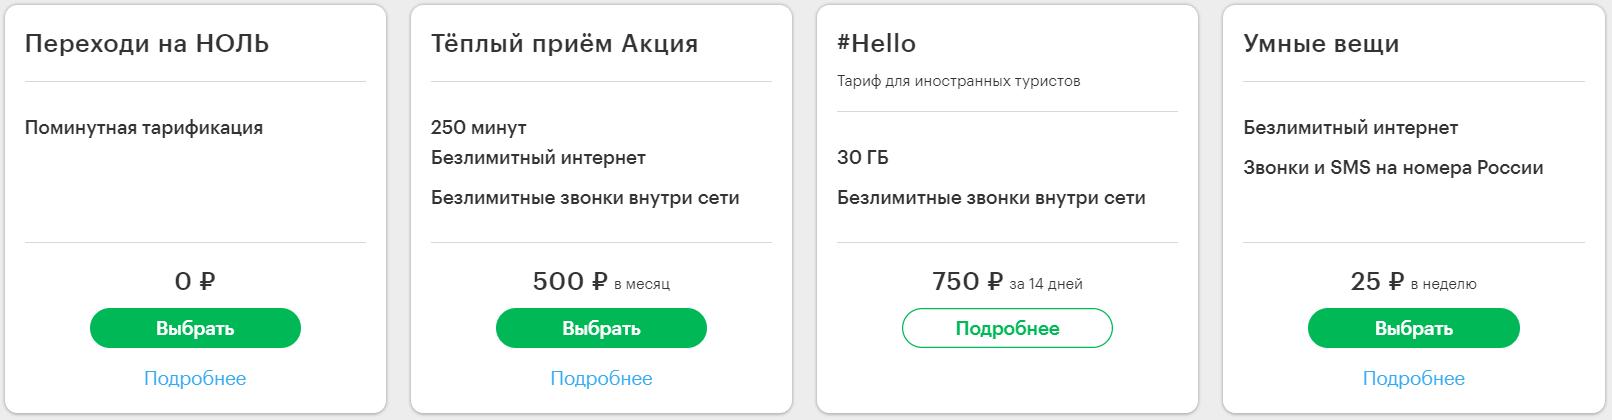 Остальные тарифы Мегафон в Кемерово